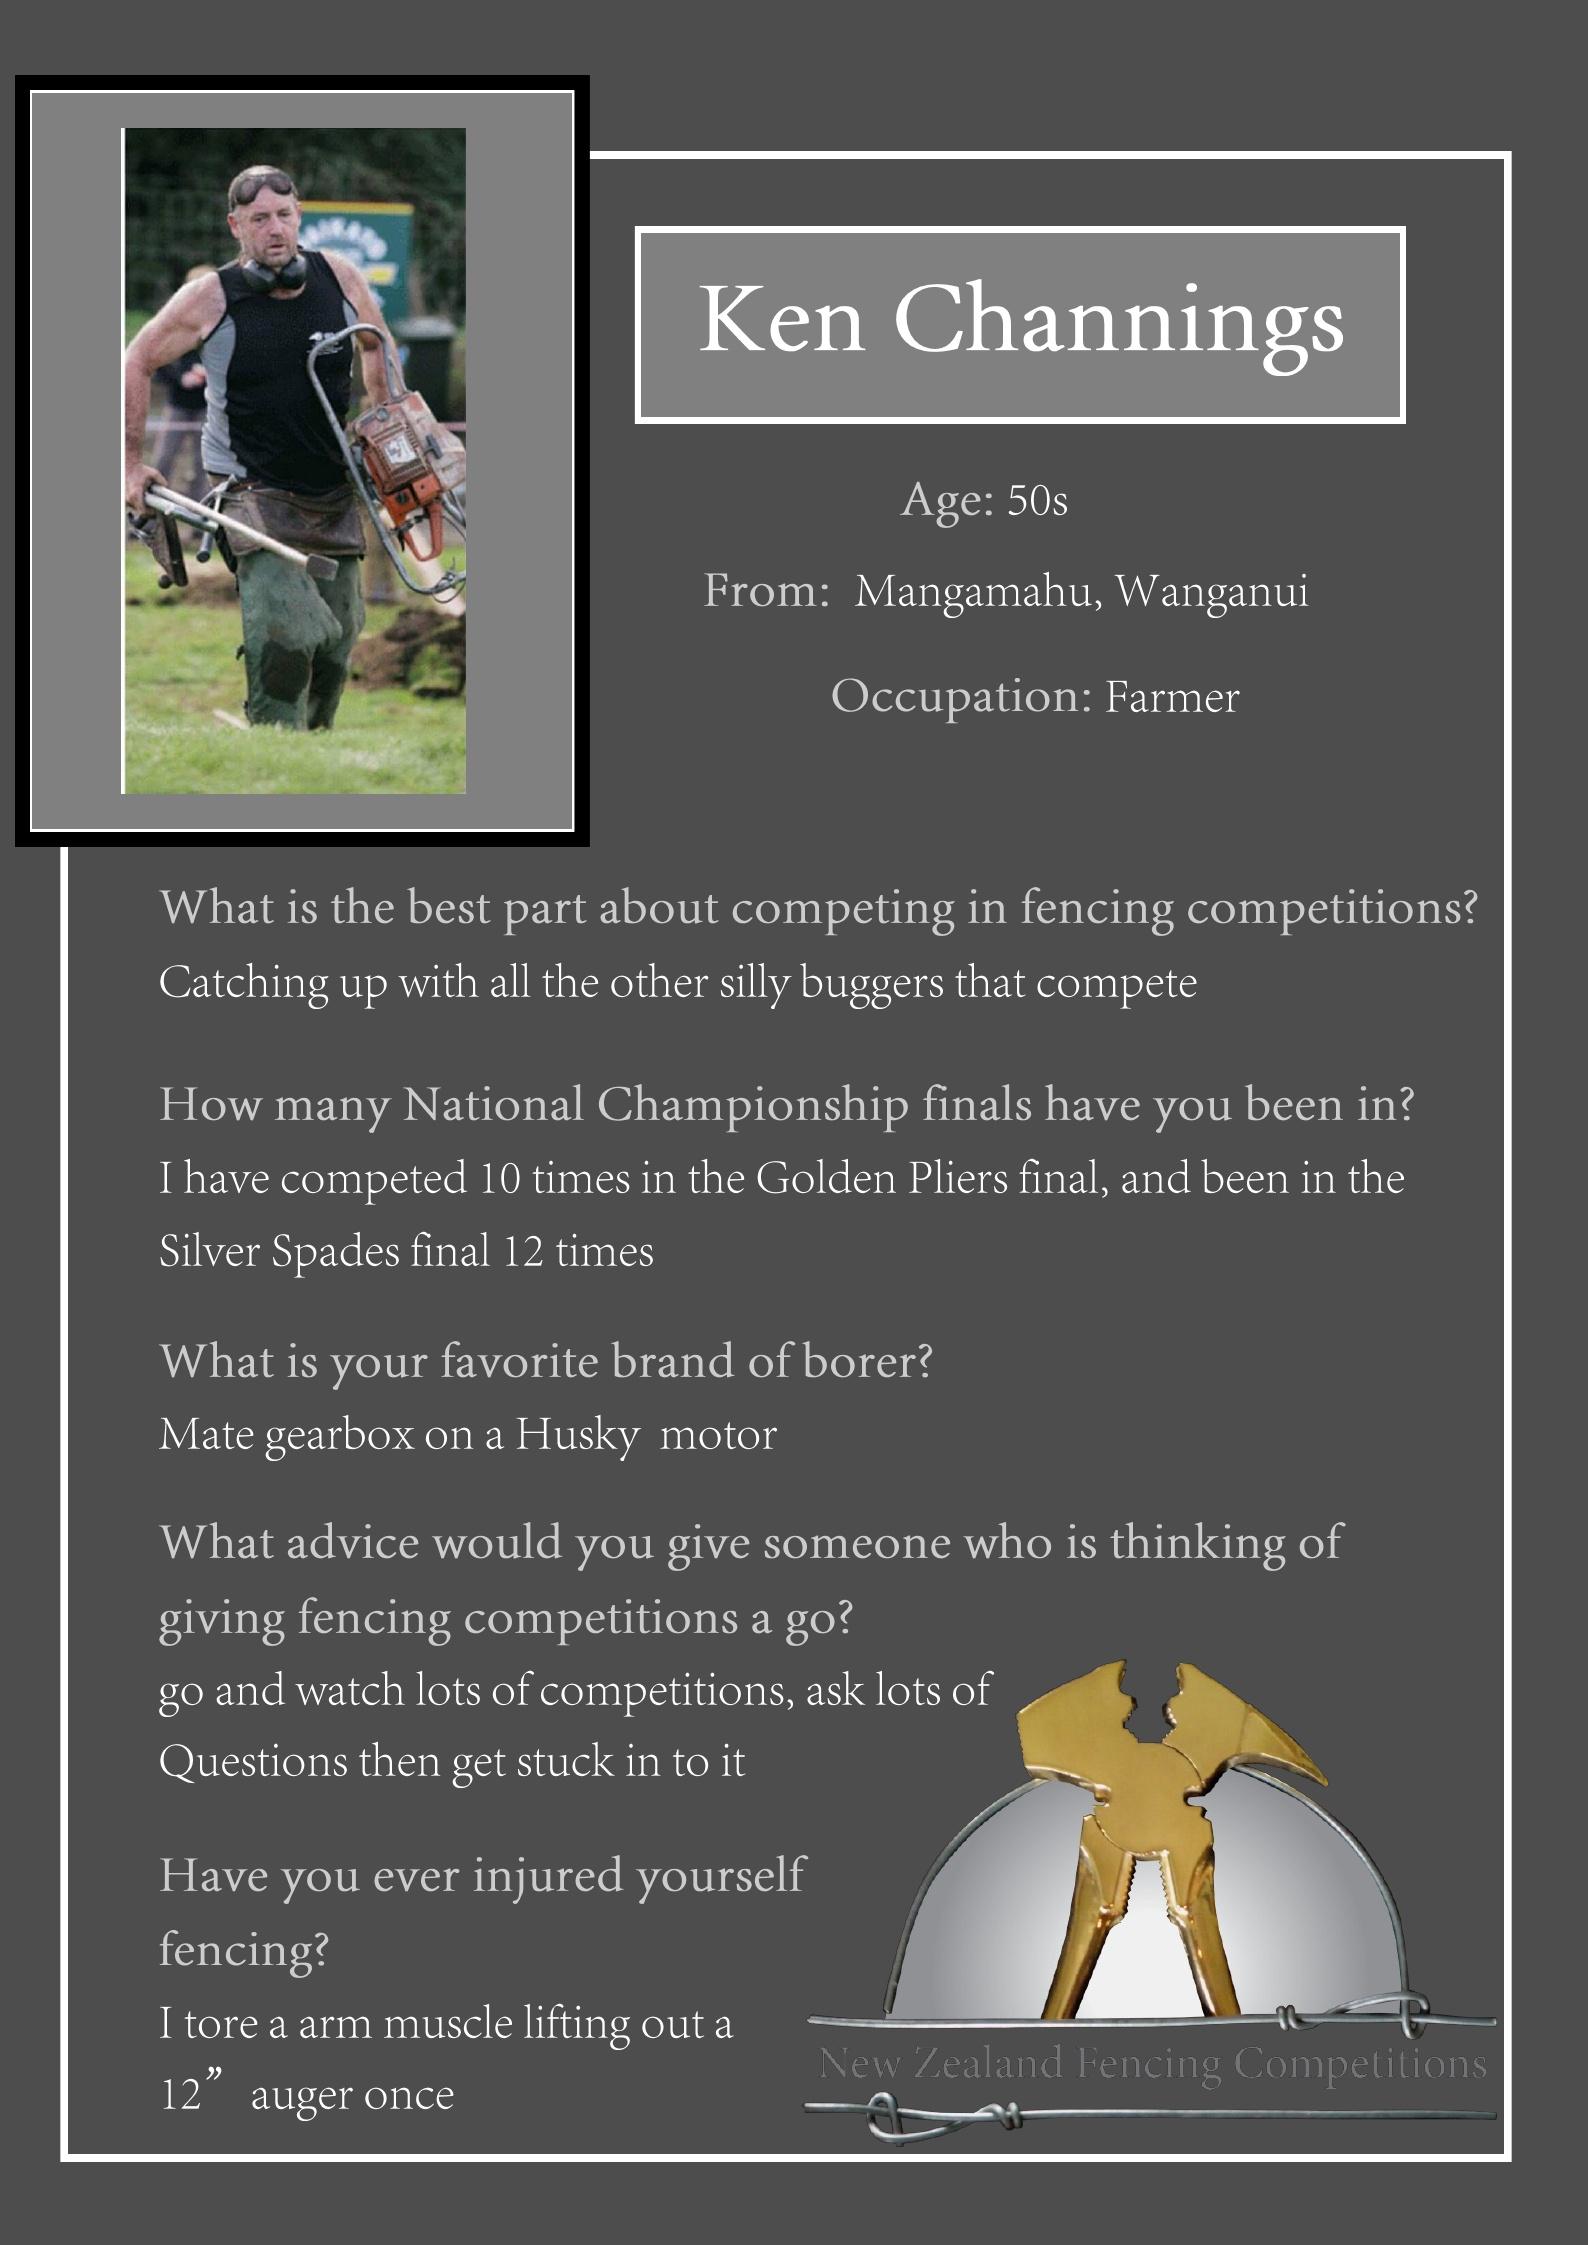 Ken Channings